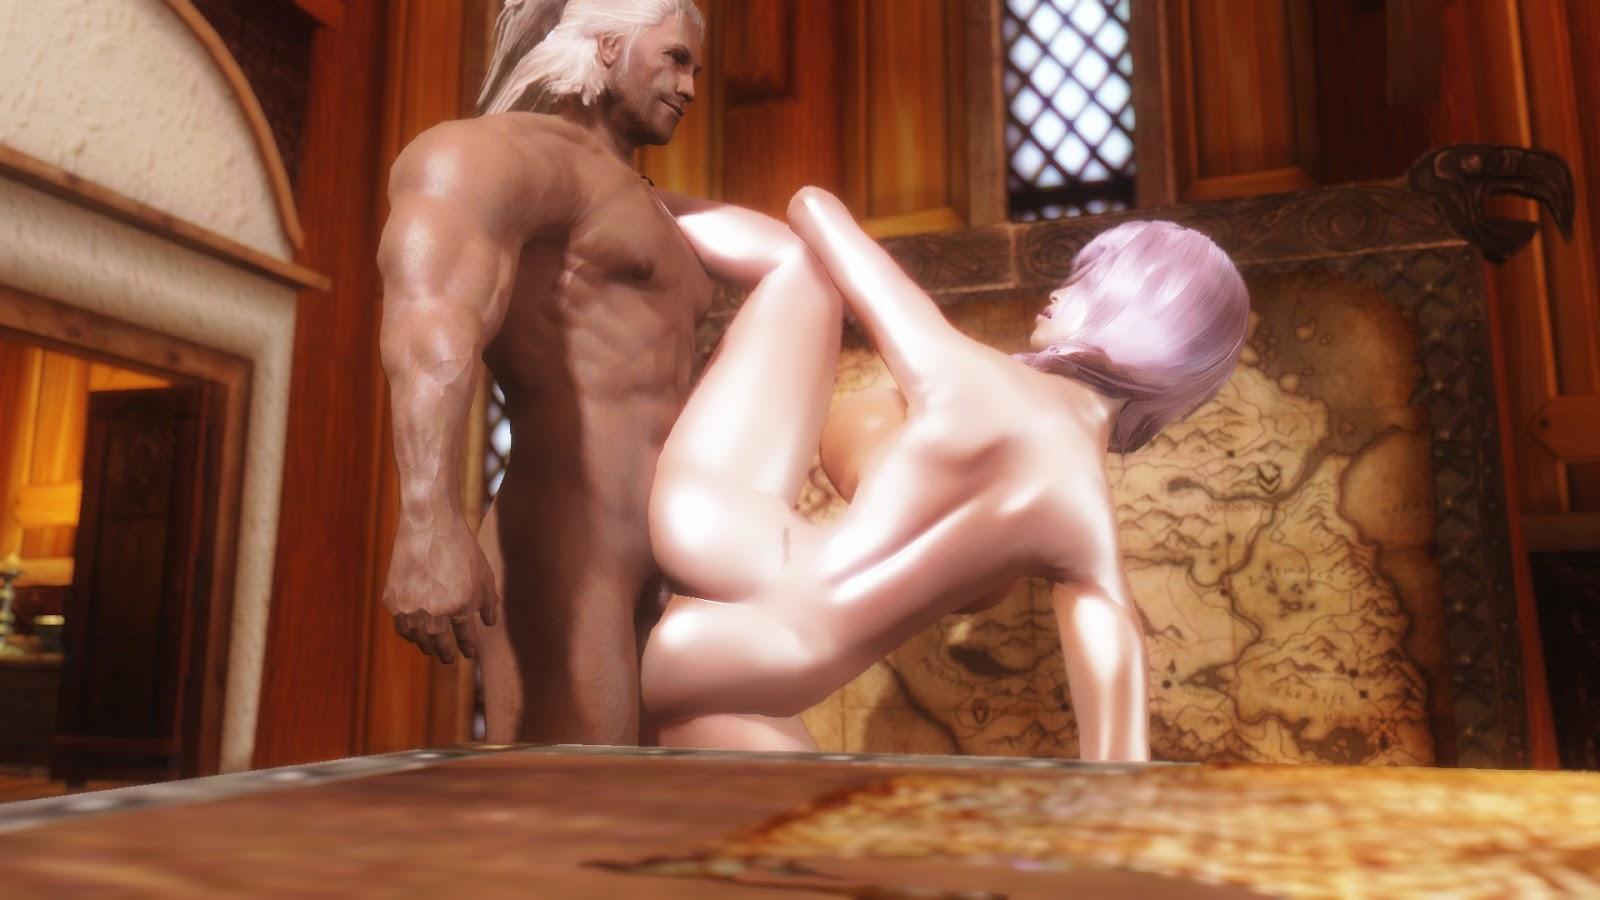 Animated skyrim porn free erotic videos